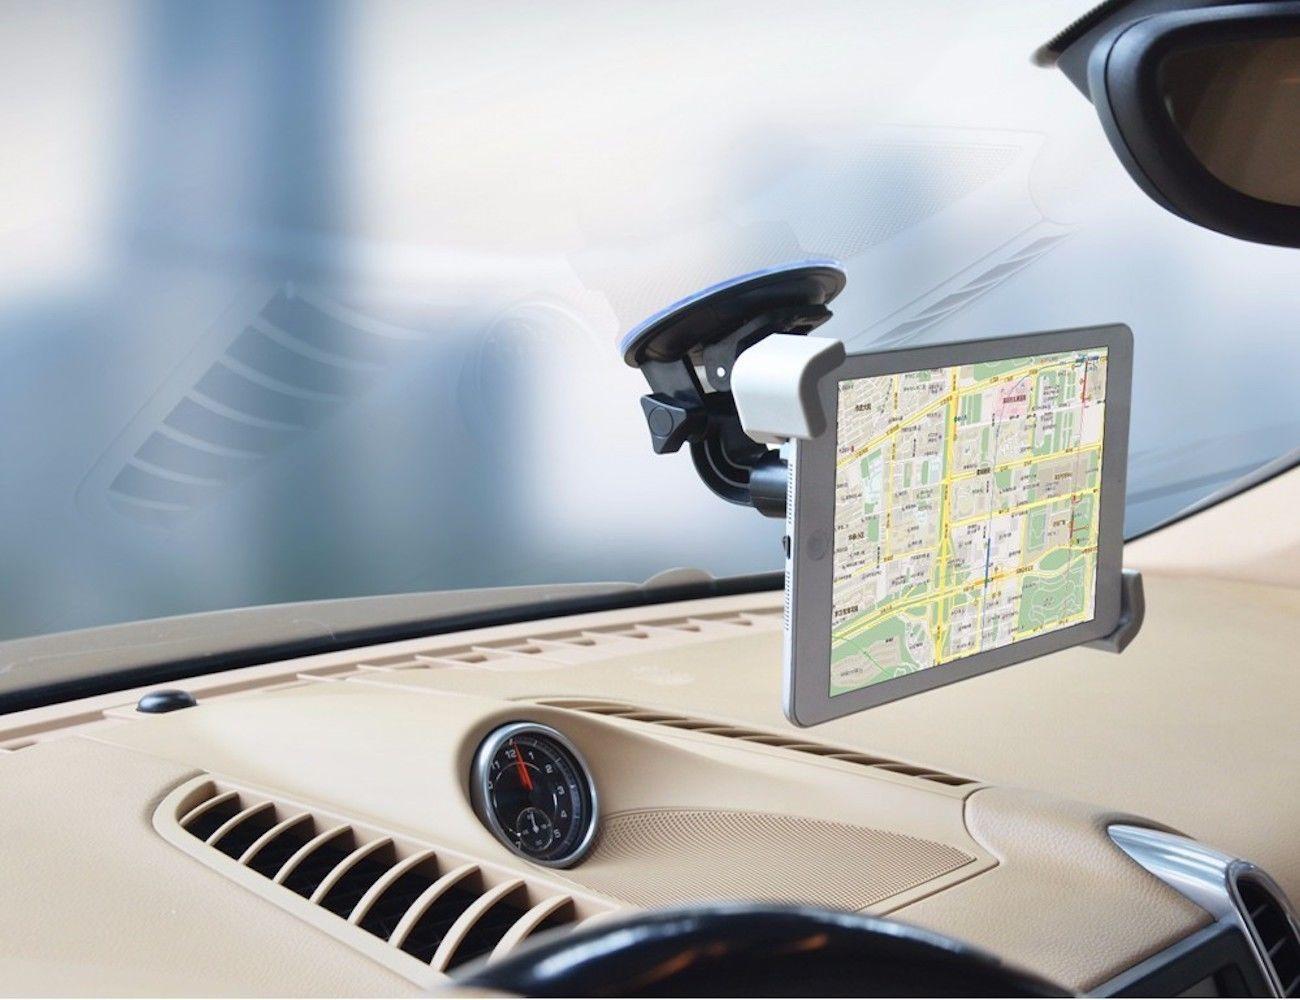 windshield tablet mount for cars - Tablet Mount